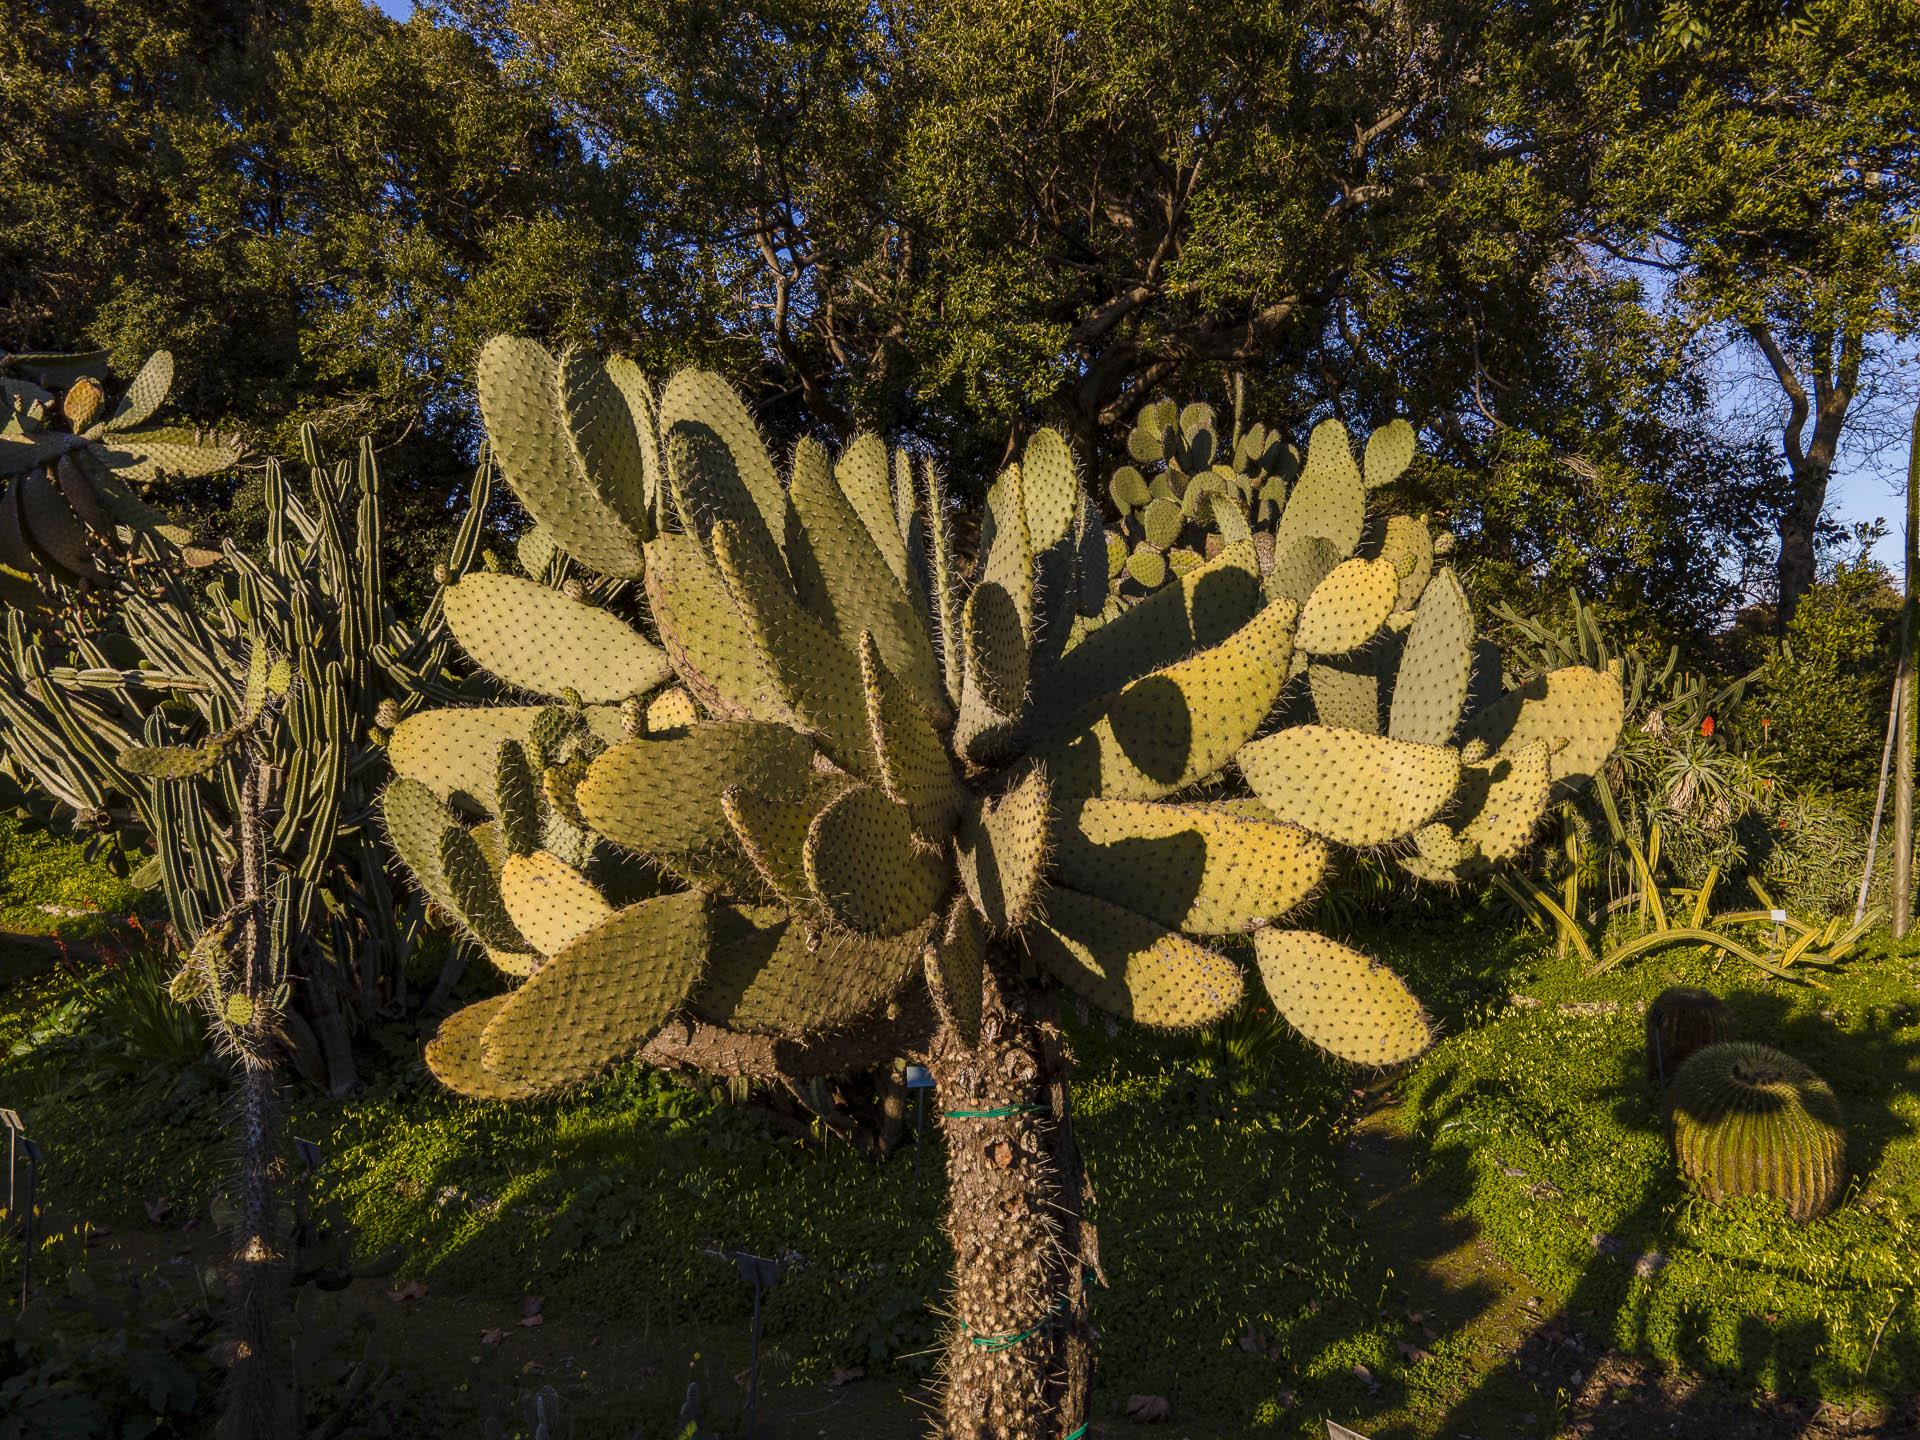 Orto_Botanico_039DJI_0015